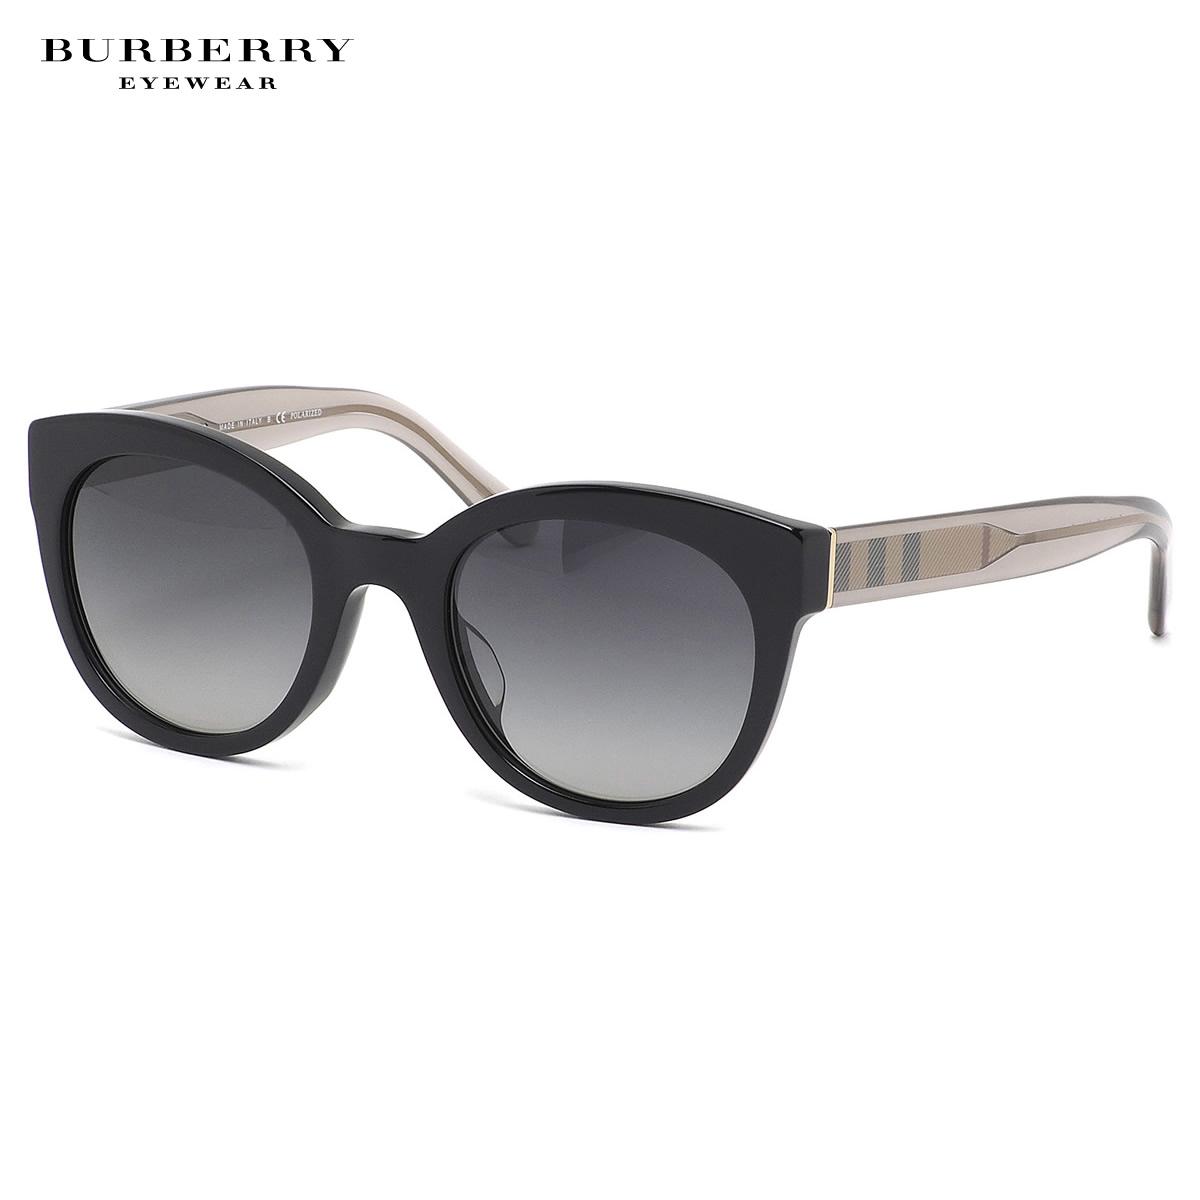 バーバリー BURBERRY サングラス BE4210F 3001T3 52サイズ ACOUSTIC キャッツアイ ウェリントン アジアンフィット 偏光レンズ バーバリーチェック BURBERRY メンズ レディース